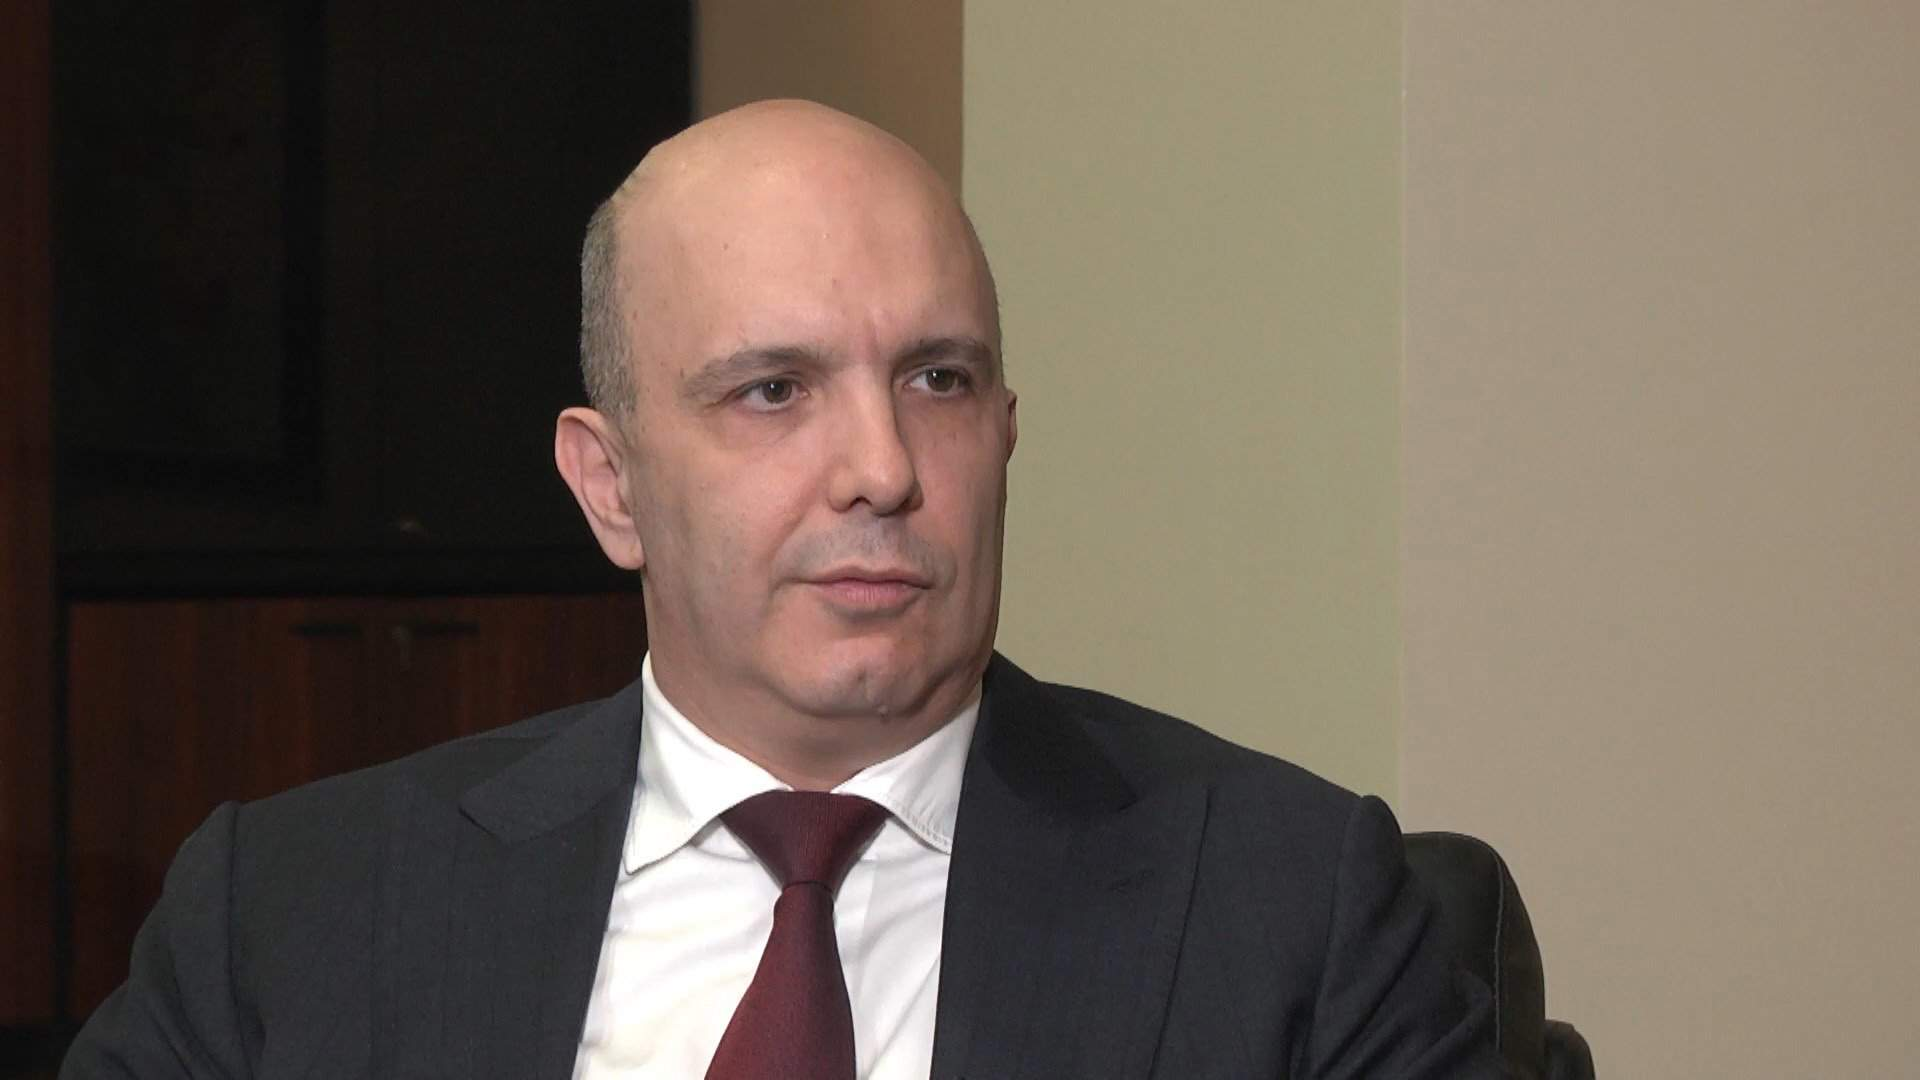 інтерв'ю з Романом Абрамовським